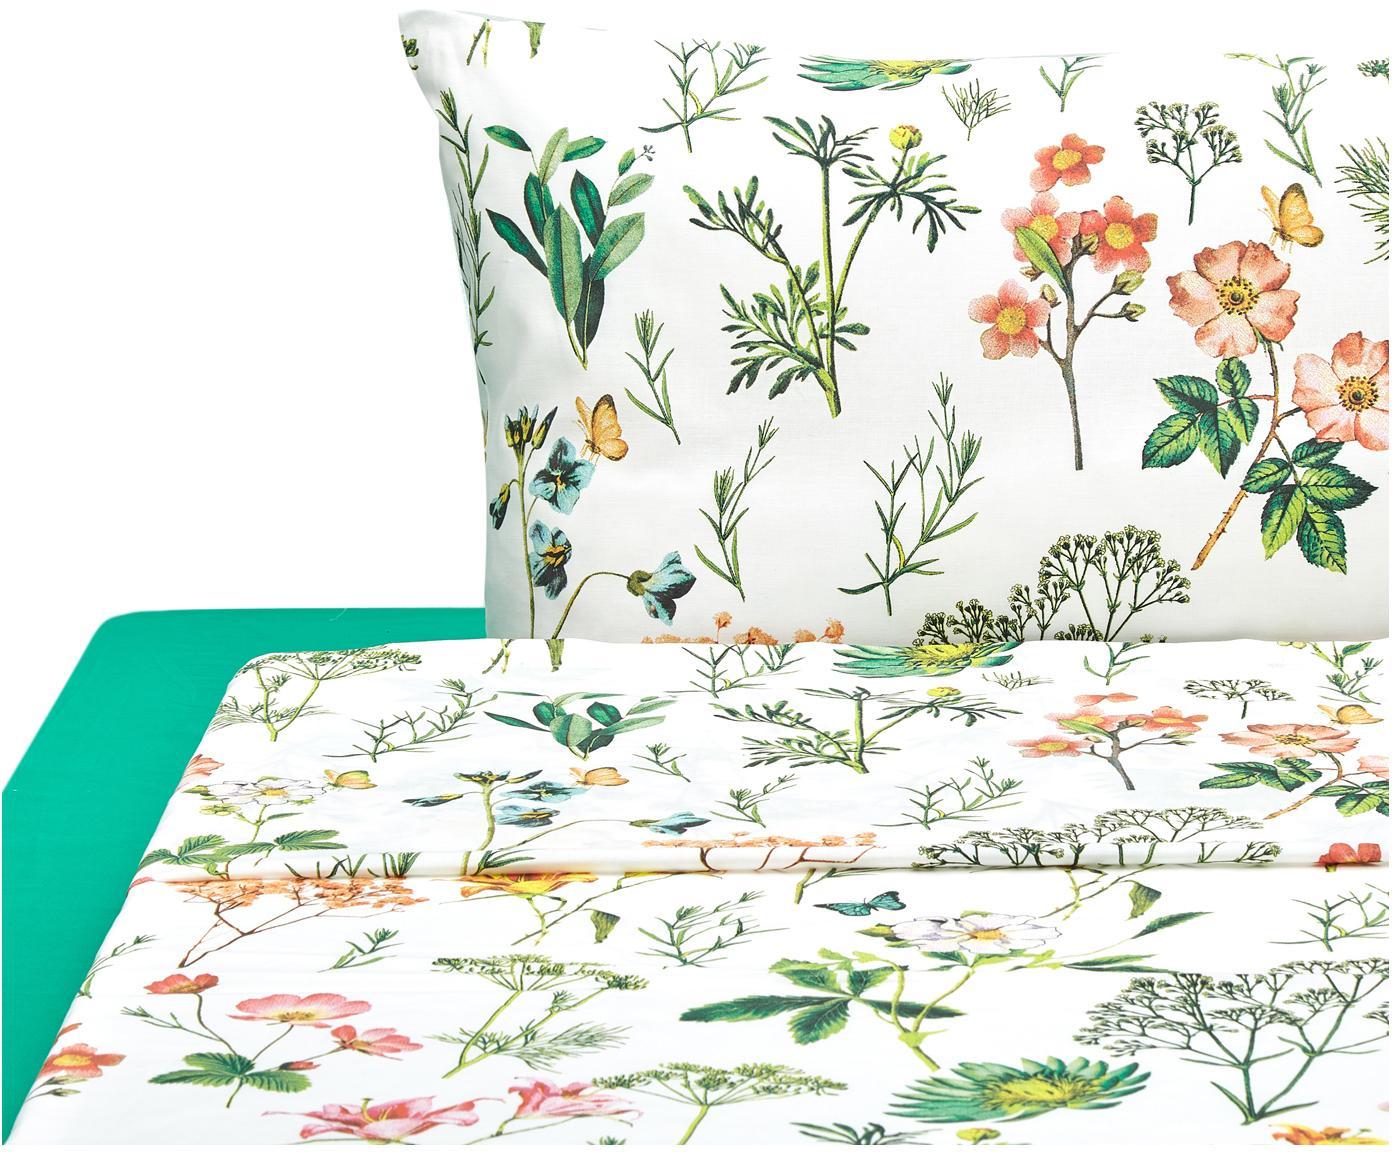 Completo letto Botanico, Cotone, Bianco, verde, multicolore, 150 x 280 cm